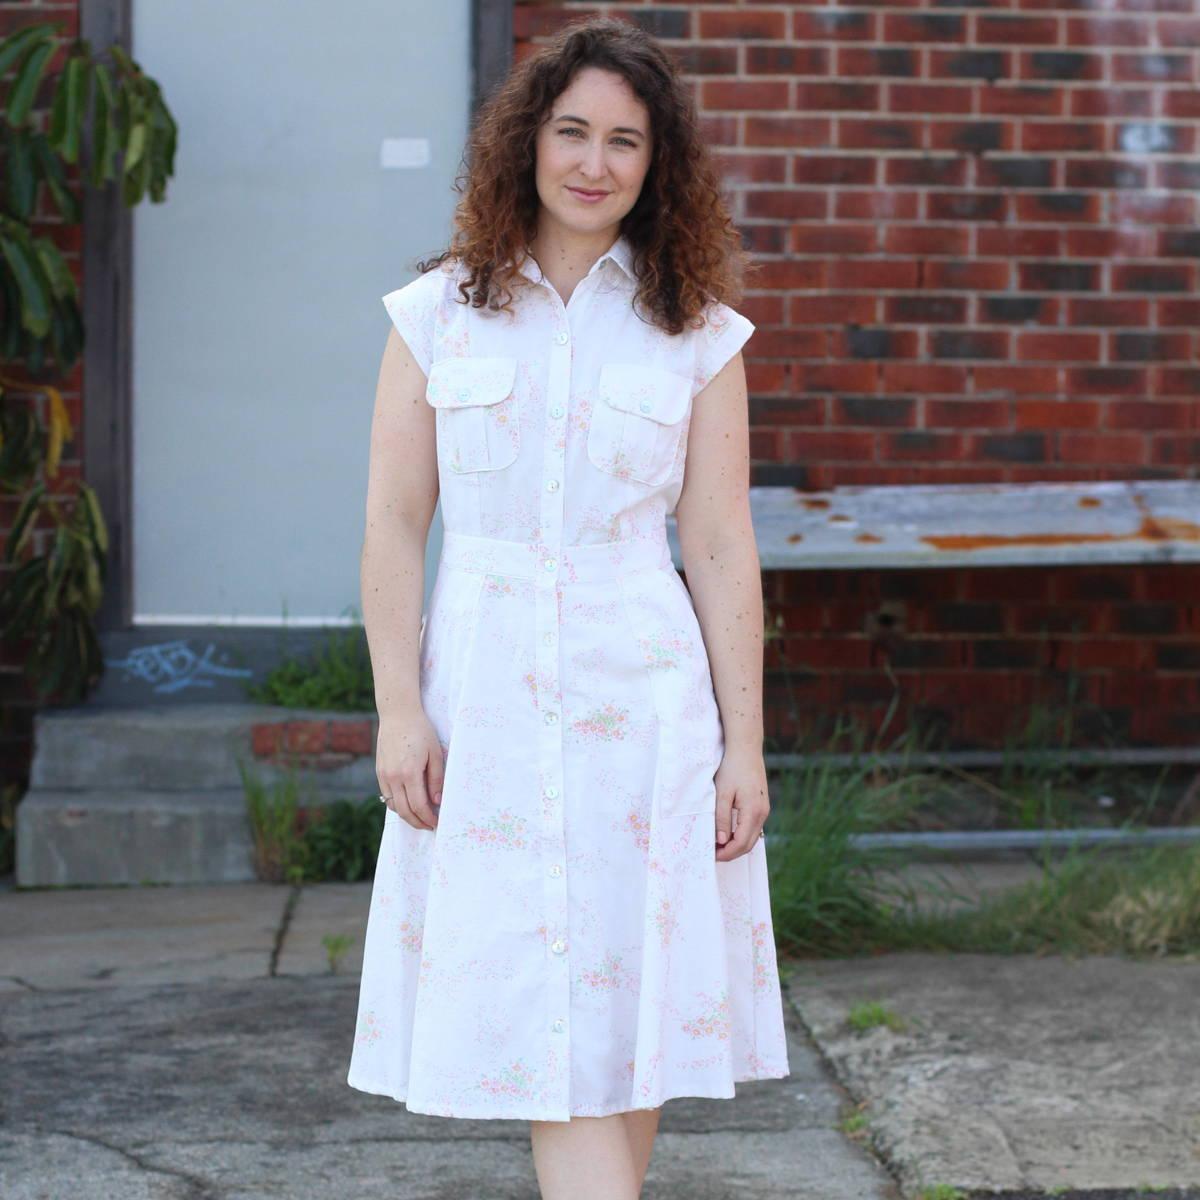 Matilda Dress from an Old sheet